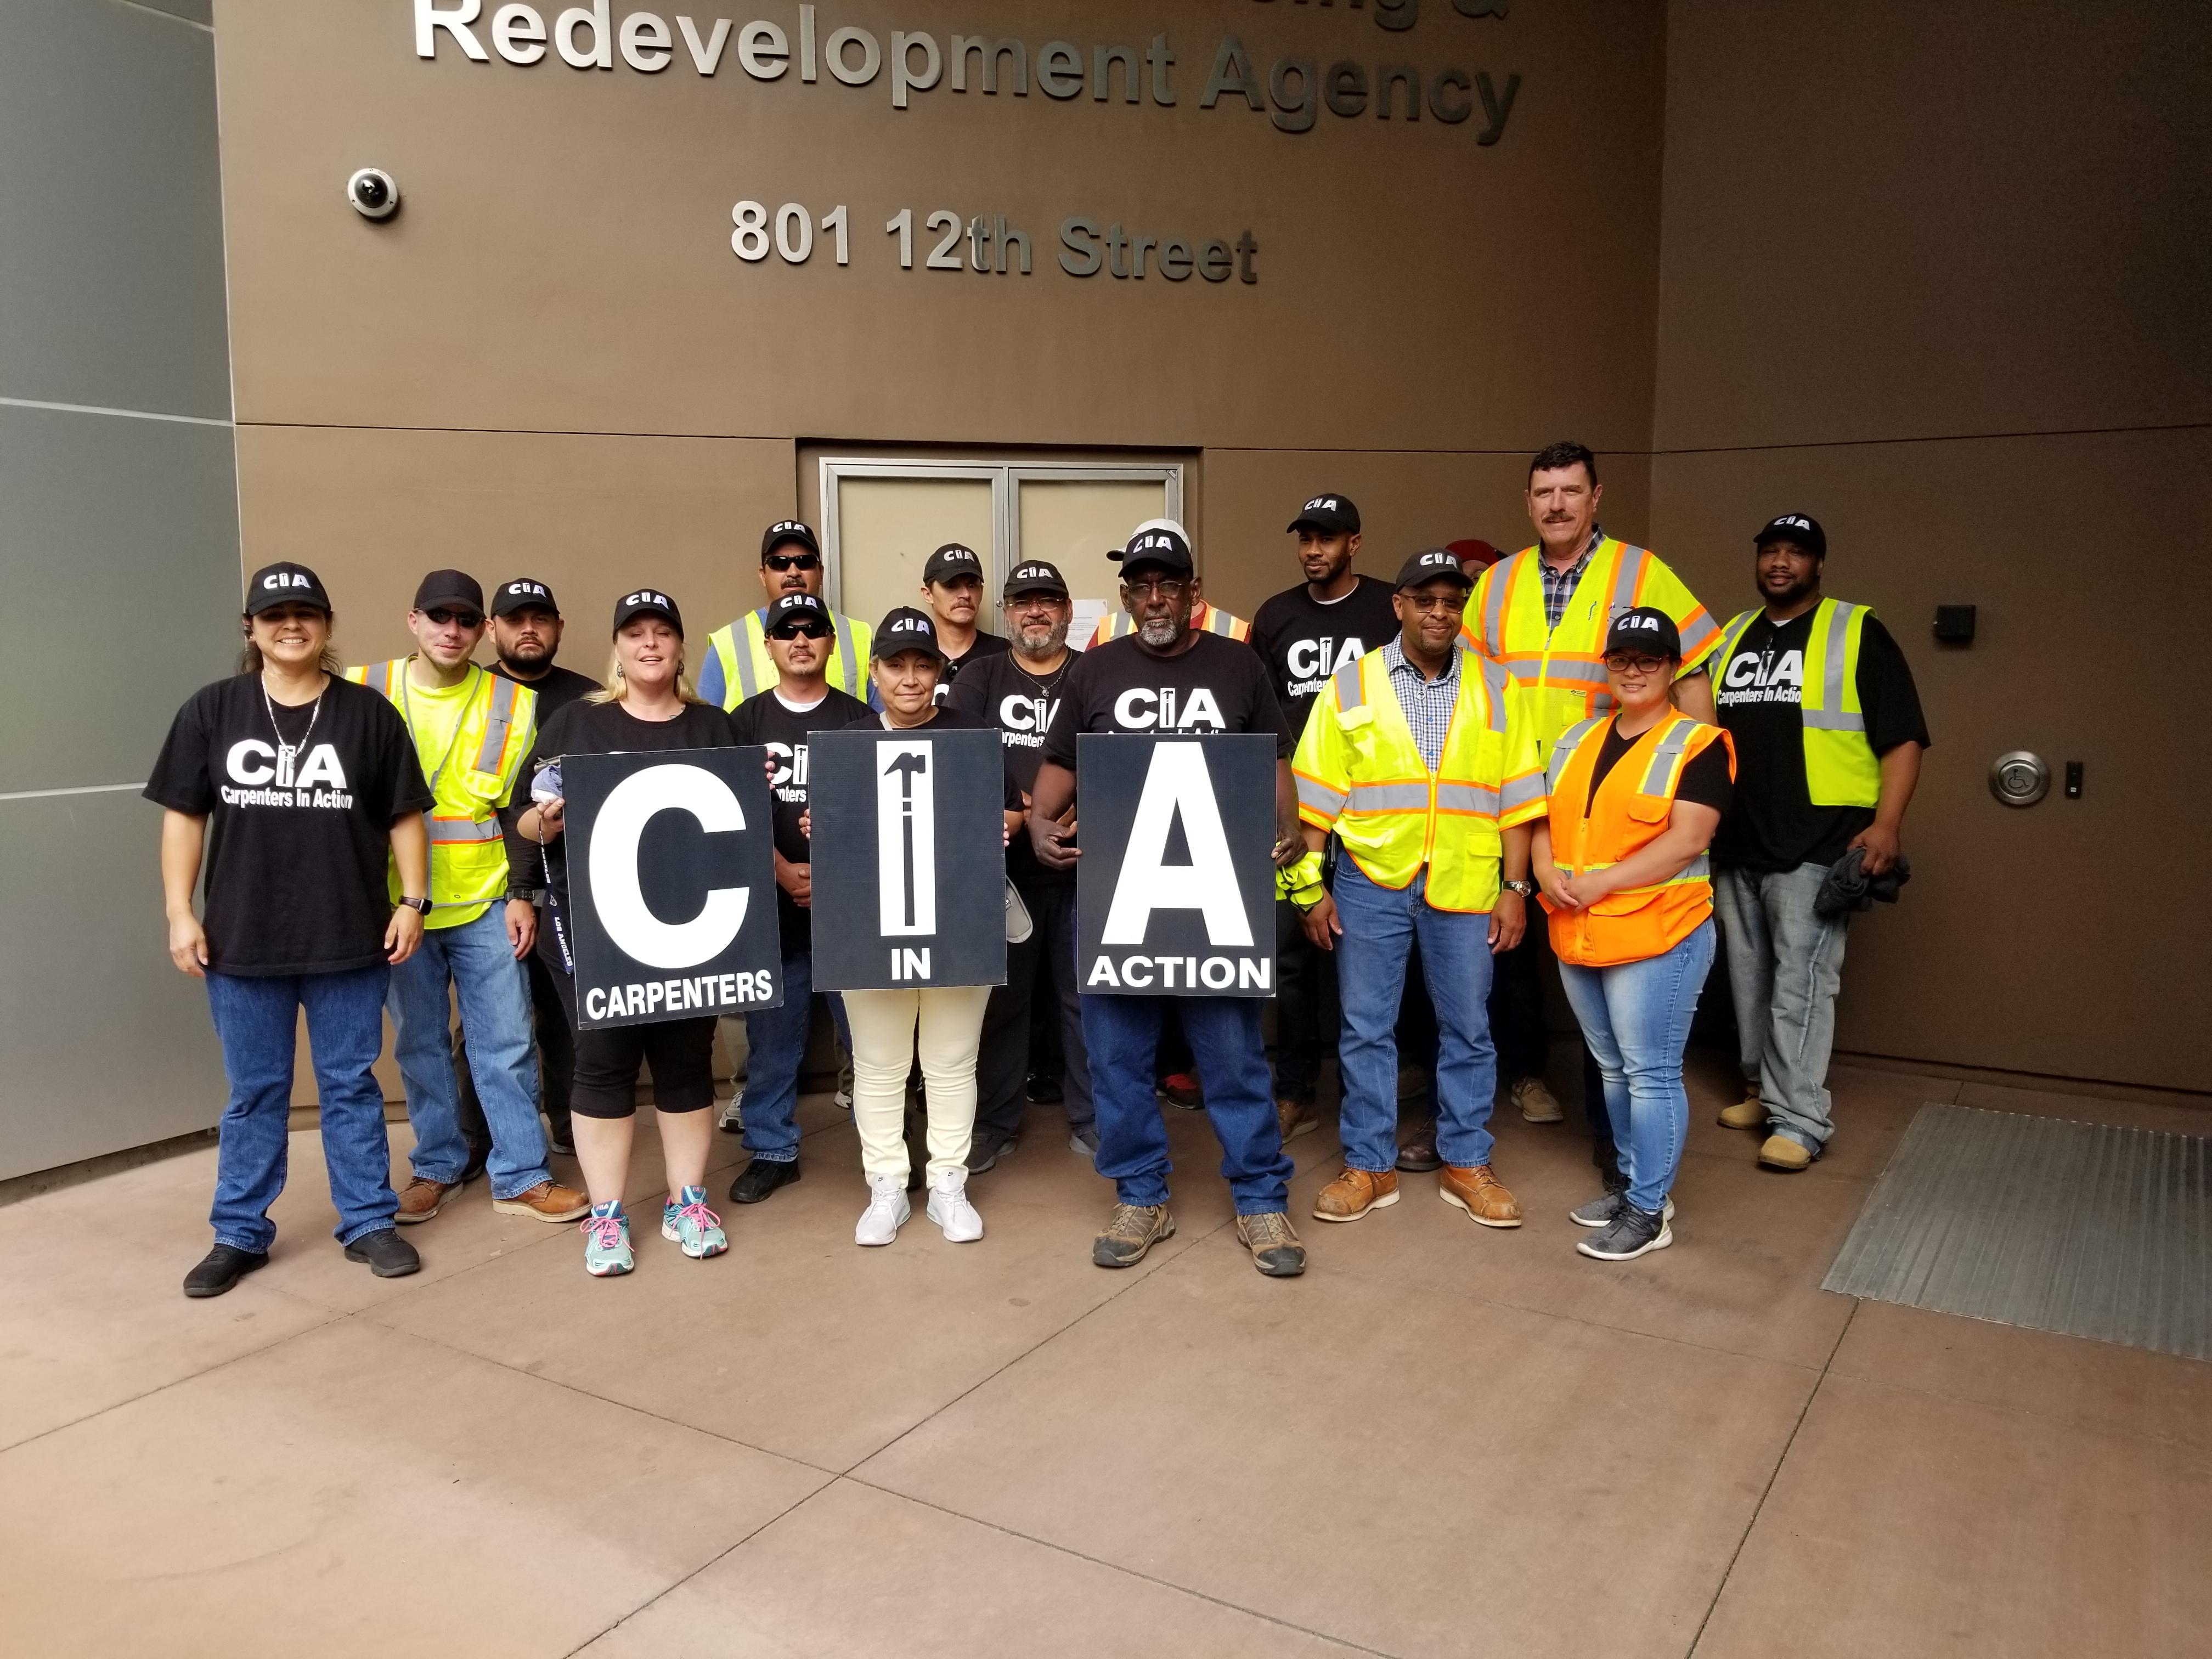 6-27-19 Sacramento CIA at Fiona Ma housi